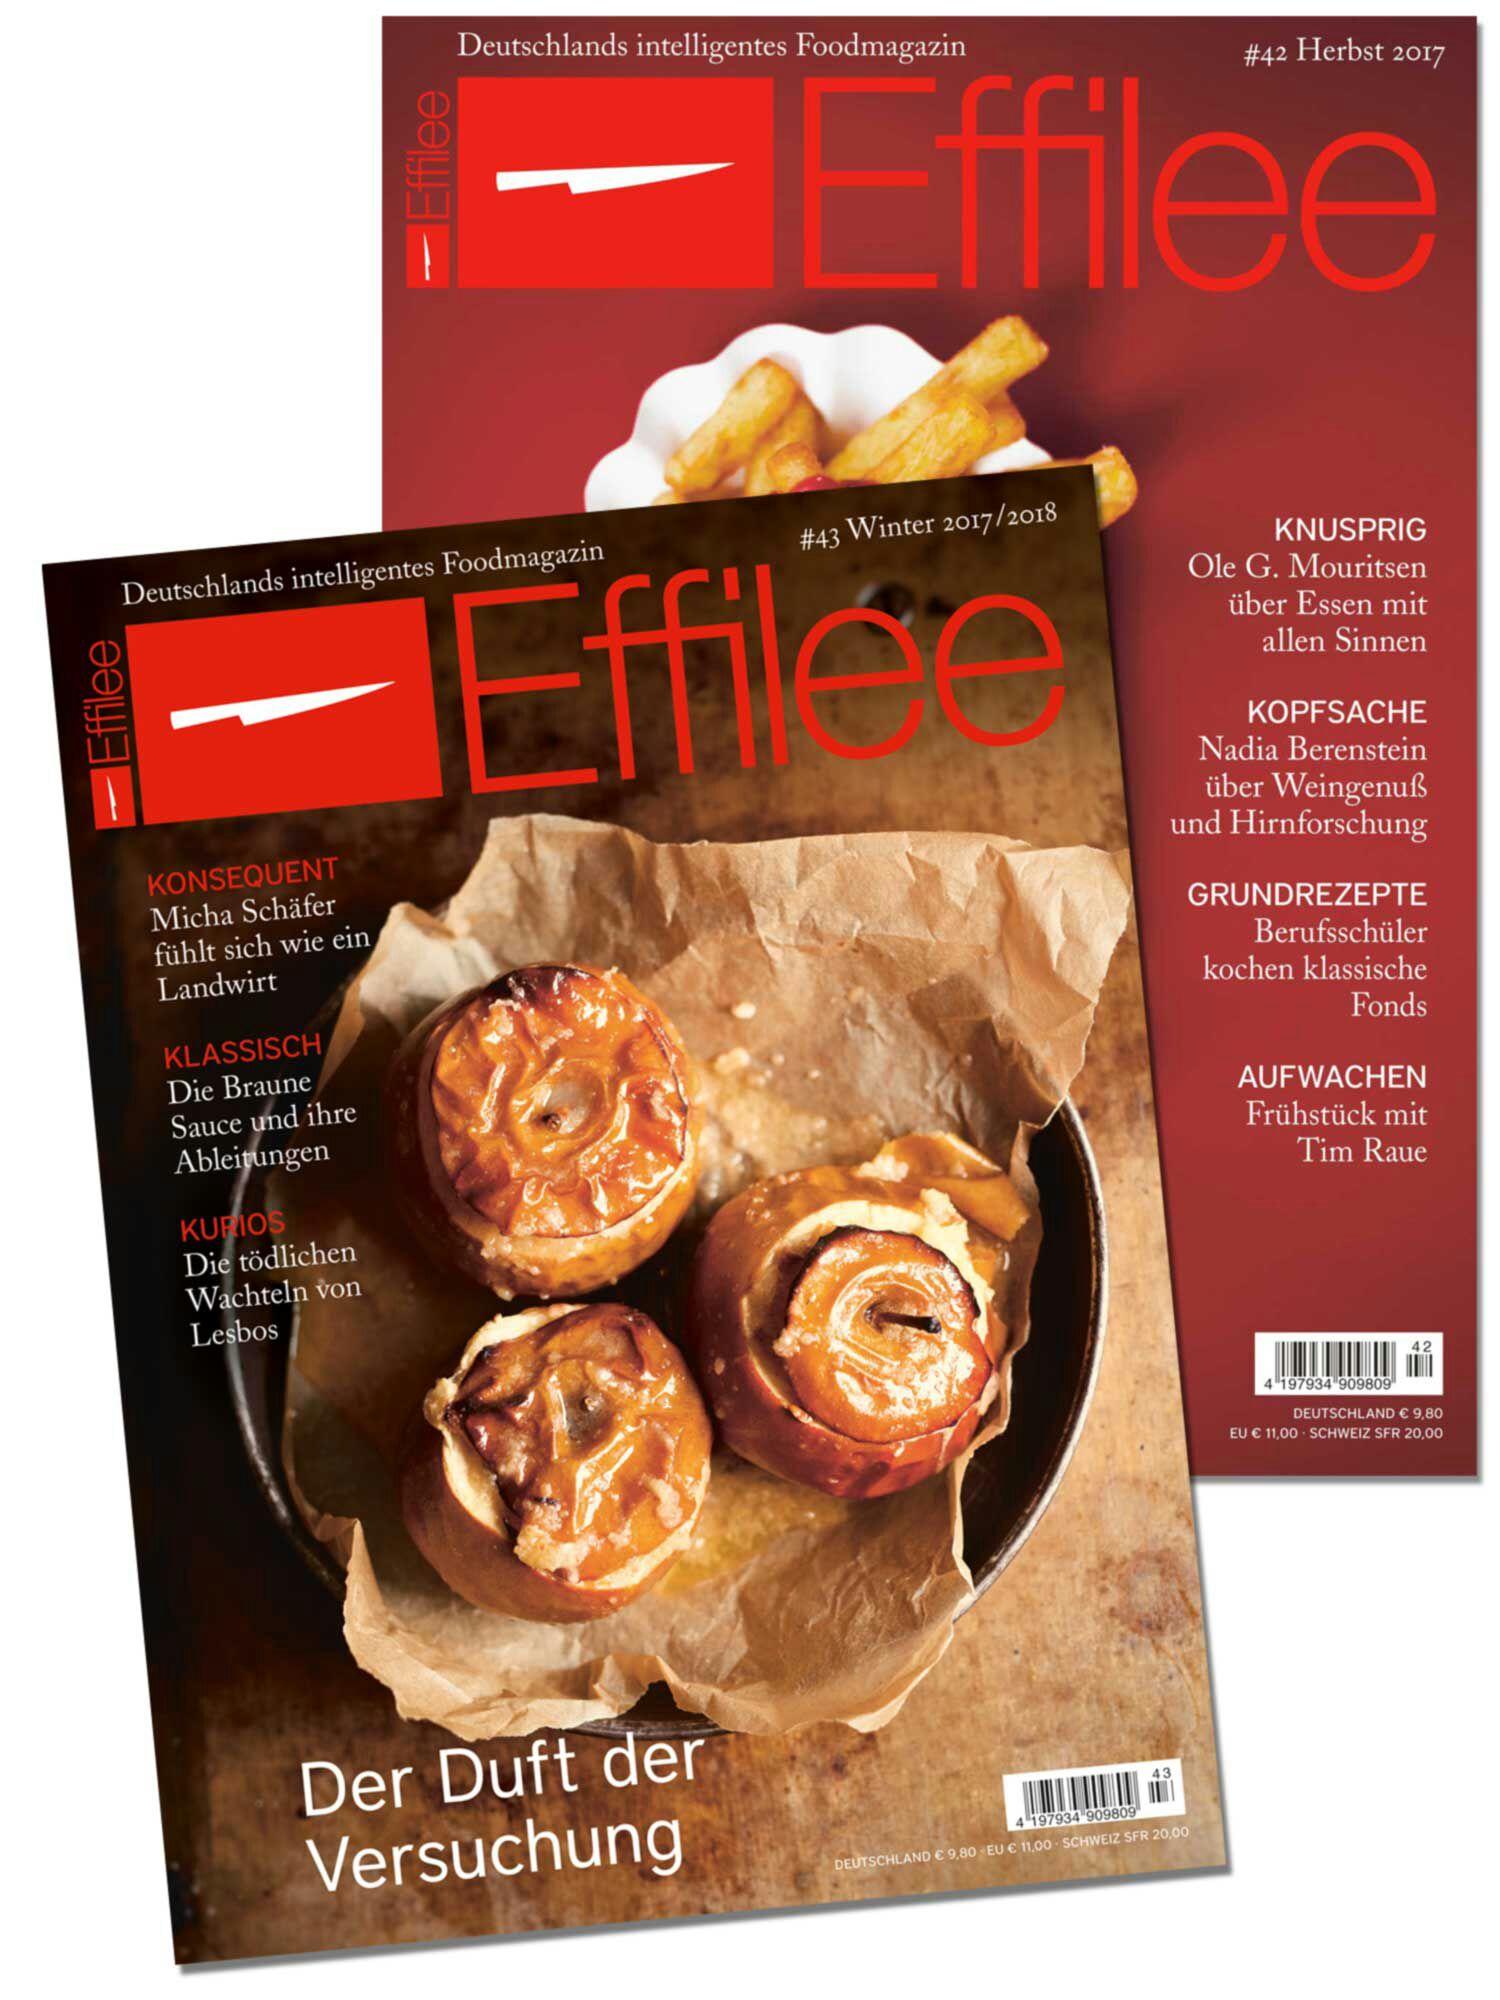 2 Ausgaben des Foodmagazin Effilee kostenlos. Kündigung notwendig